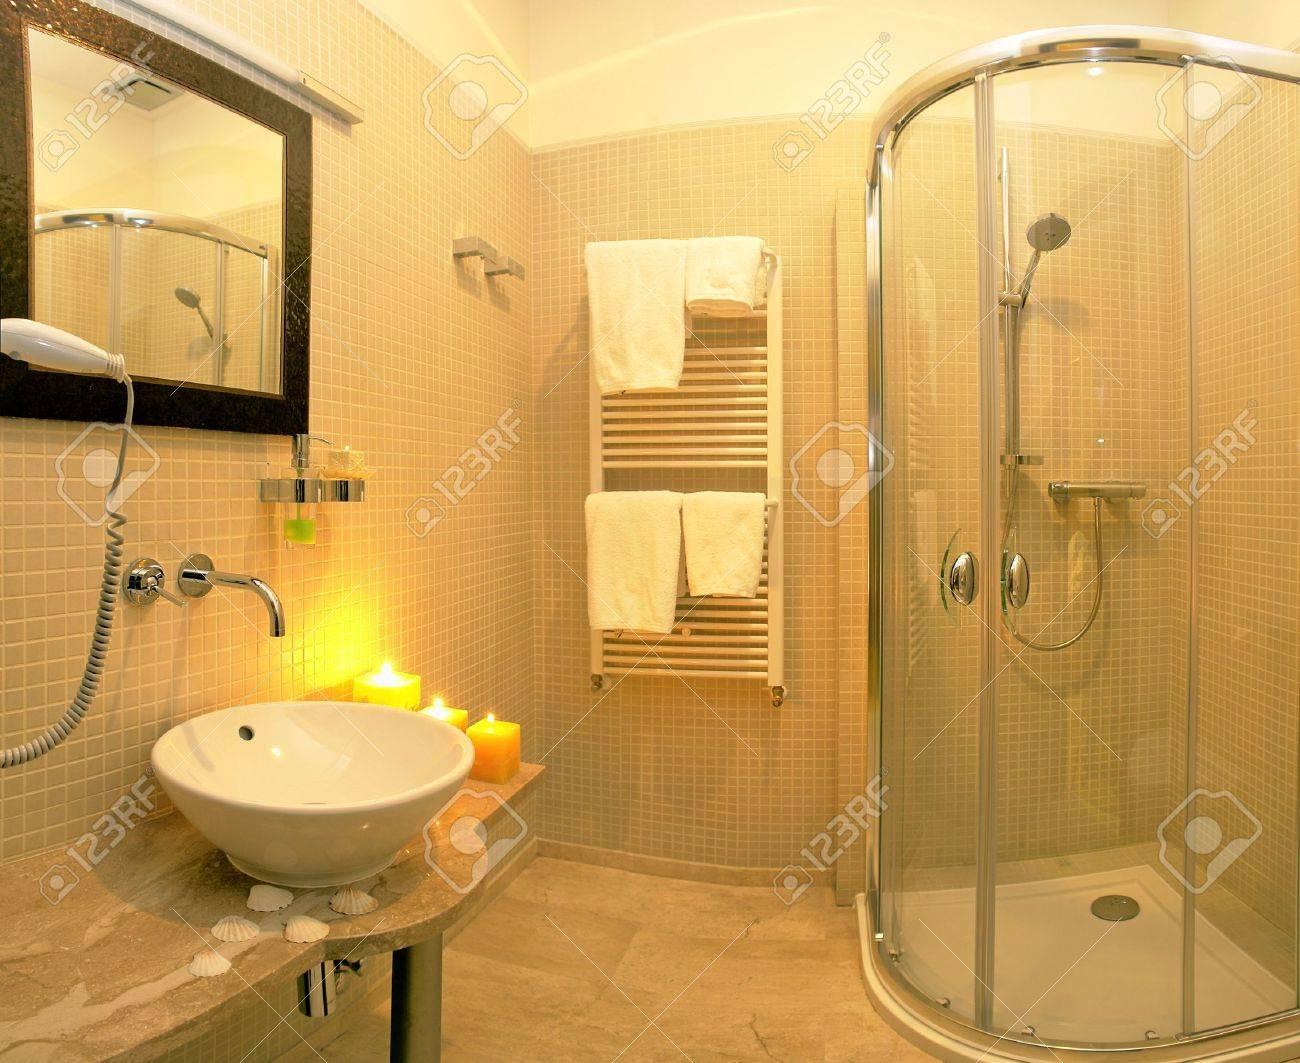 banque dimages intrieurs de luxe et salle de bain moderne - Salle De Bain Moderne De Luxe